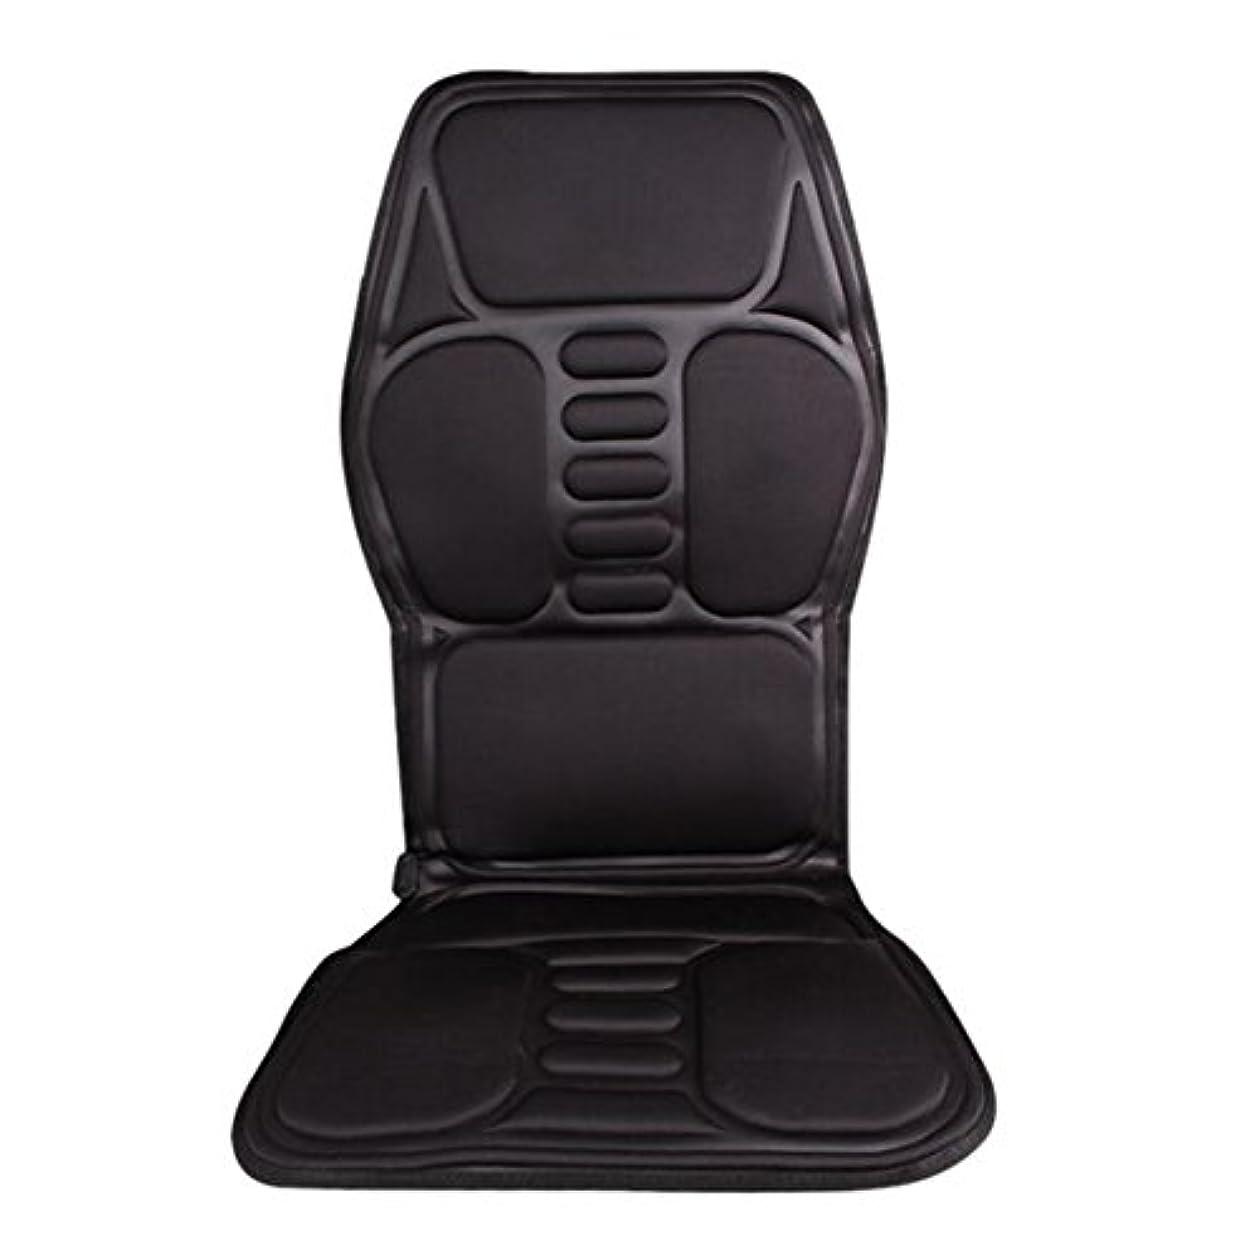 挨拶損傷流行しているXmony-72 シートマッサージャー ブラック カーシート 5機能5もみ玉付き オートオフタイマー内蔵 首/肩/背/腰/しり/太ももなどの全身のマッサージが可能 車用/自宅用/オフィス用 折り畳みが可能 持ち運び便利 リモコン付き ヒーター 理療 マットレス